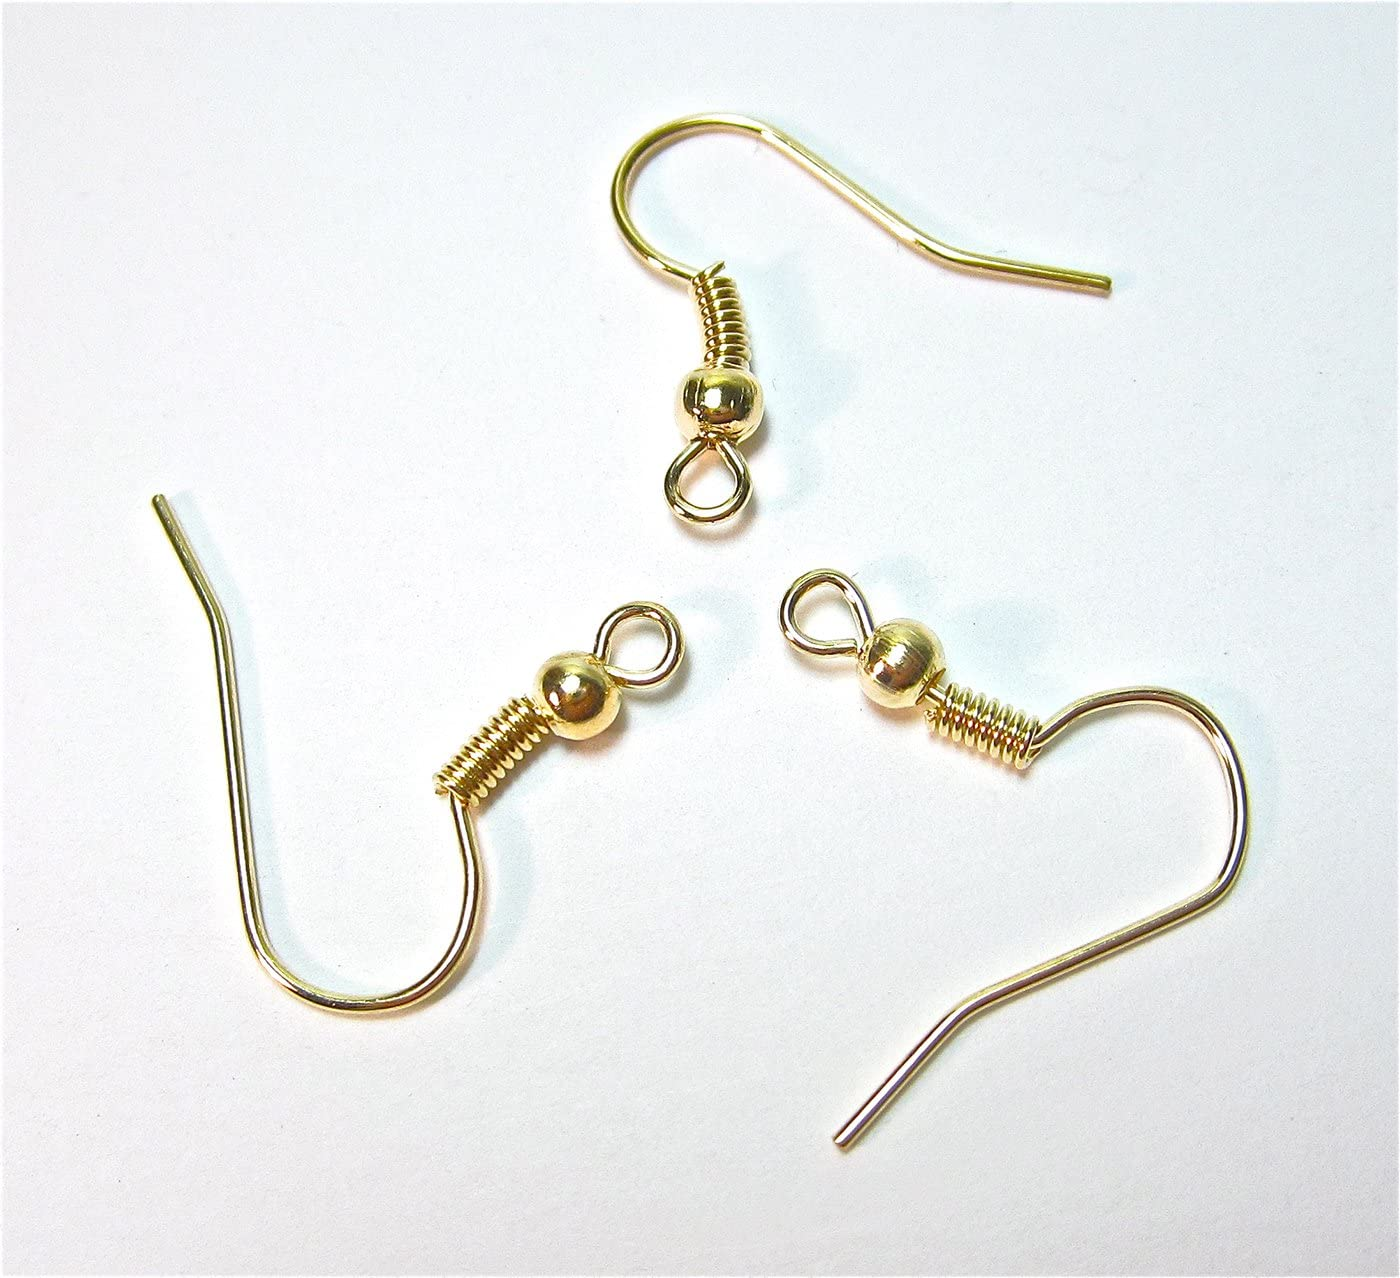 bronze Bacabella 15089 Lot de 50 crochets pour boucles doreilles /à d/écorer soi-m/ême 18 x 17 mm